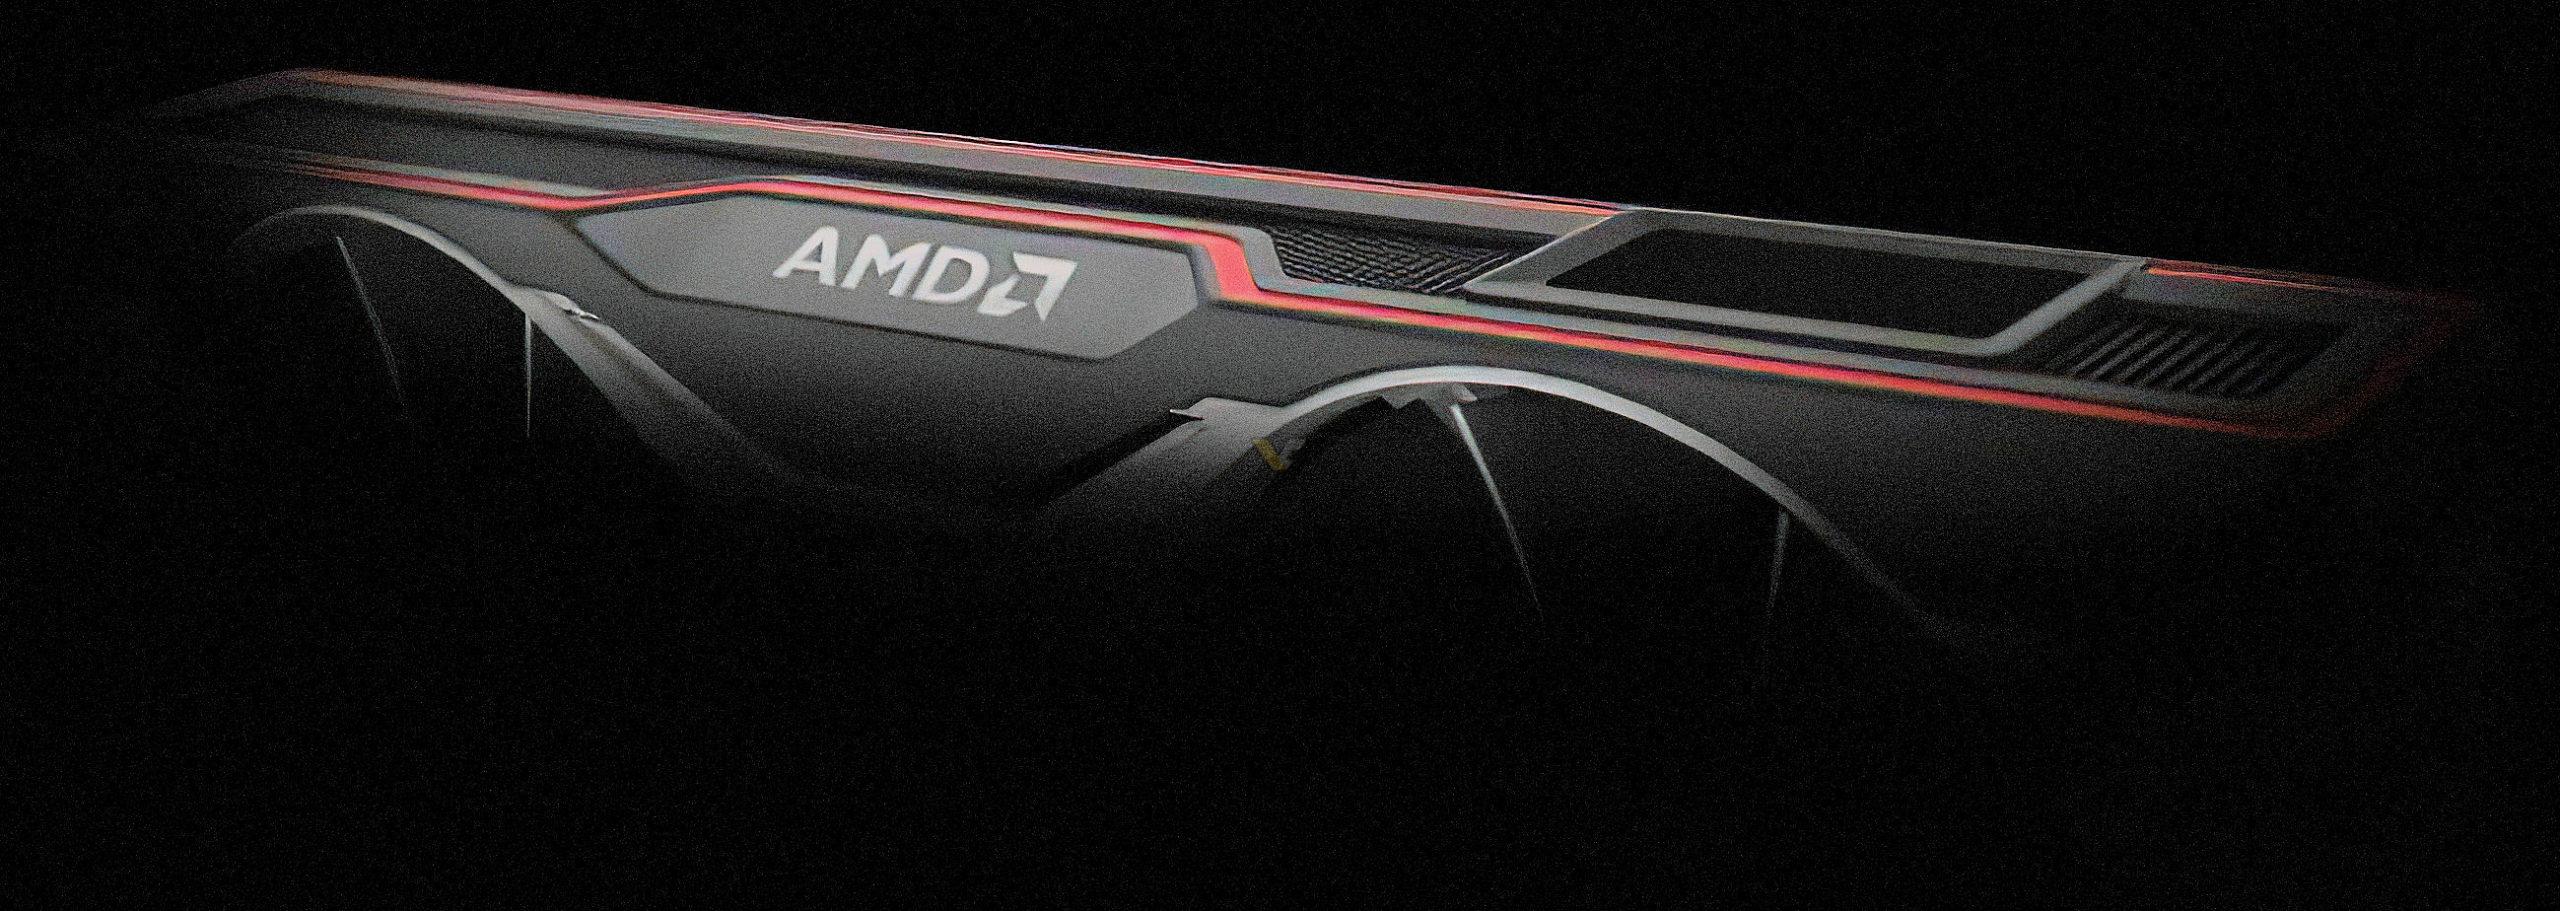 AMD анонсировала архитектуру RDNA 2 для ПК и новых консолей